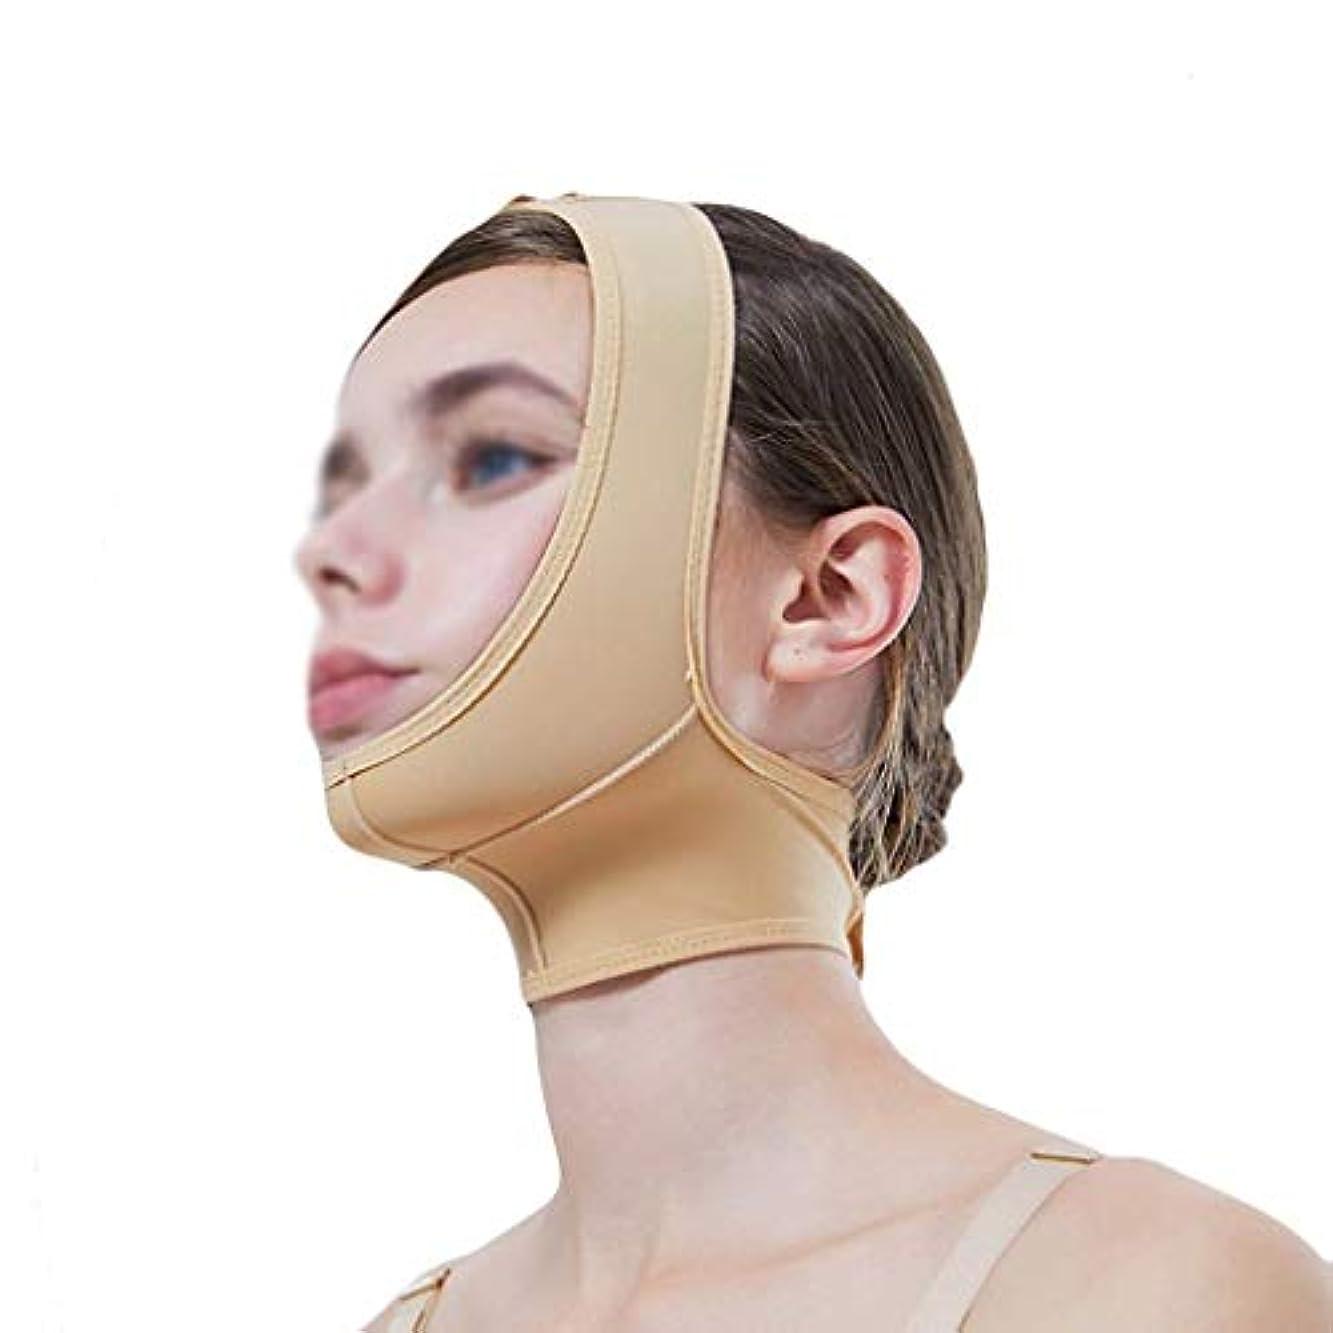 置くためにパック引き出す人質マスク、超薄型ベルト、フェイスリフティングに適し、フェイスリフティング、通気性包帯、あご取りベルト、超薄型ベルト、通気性(サイズ:XL),M